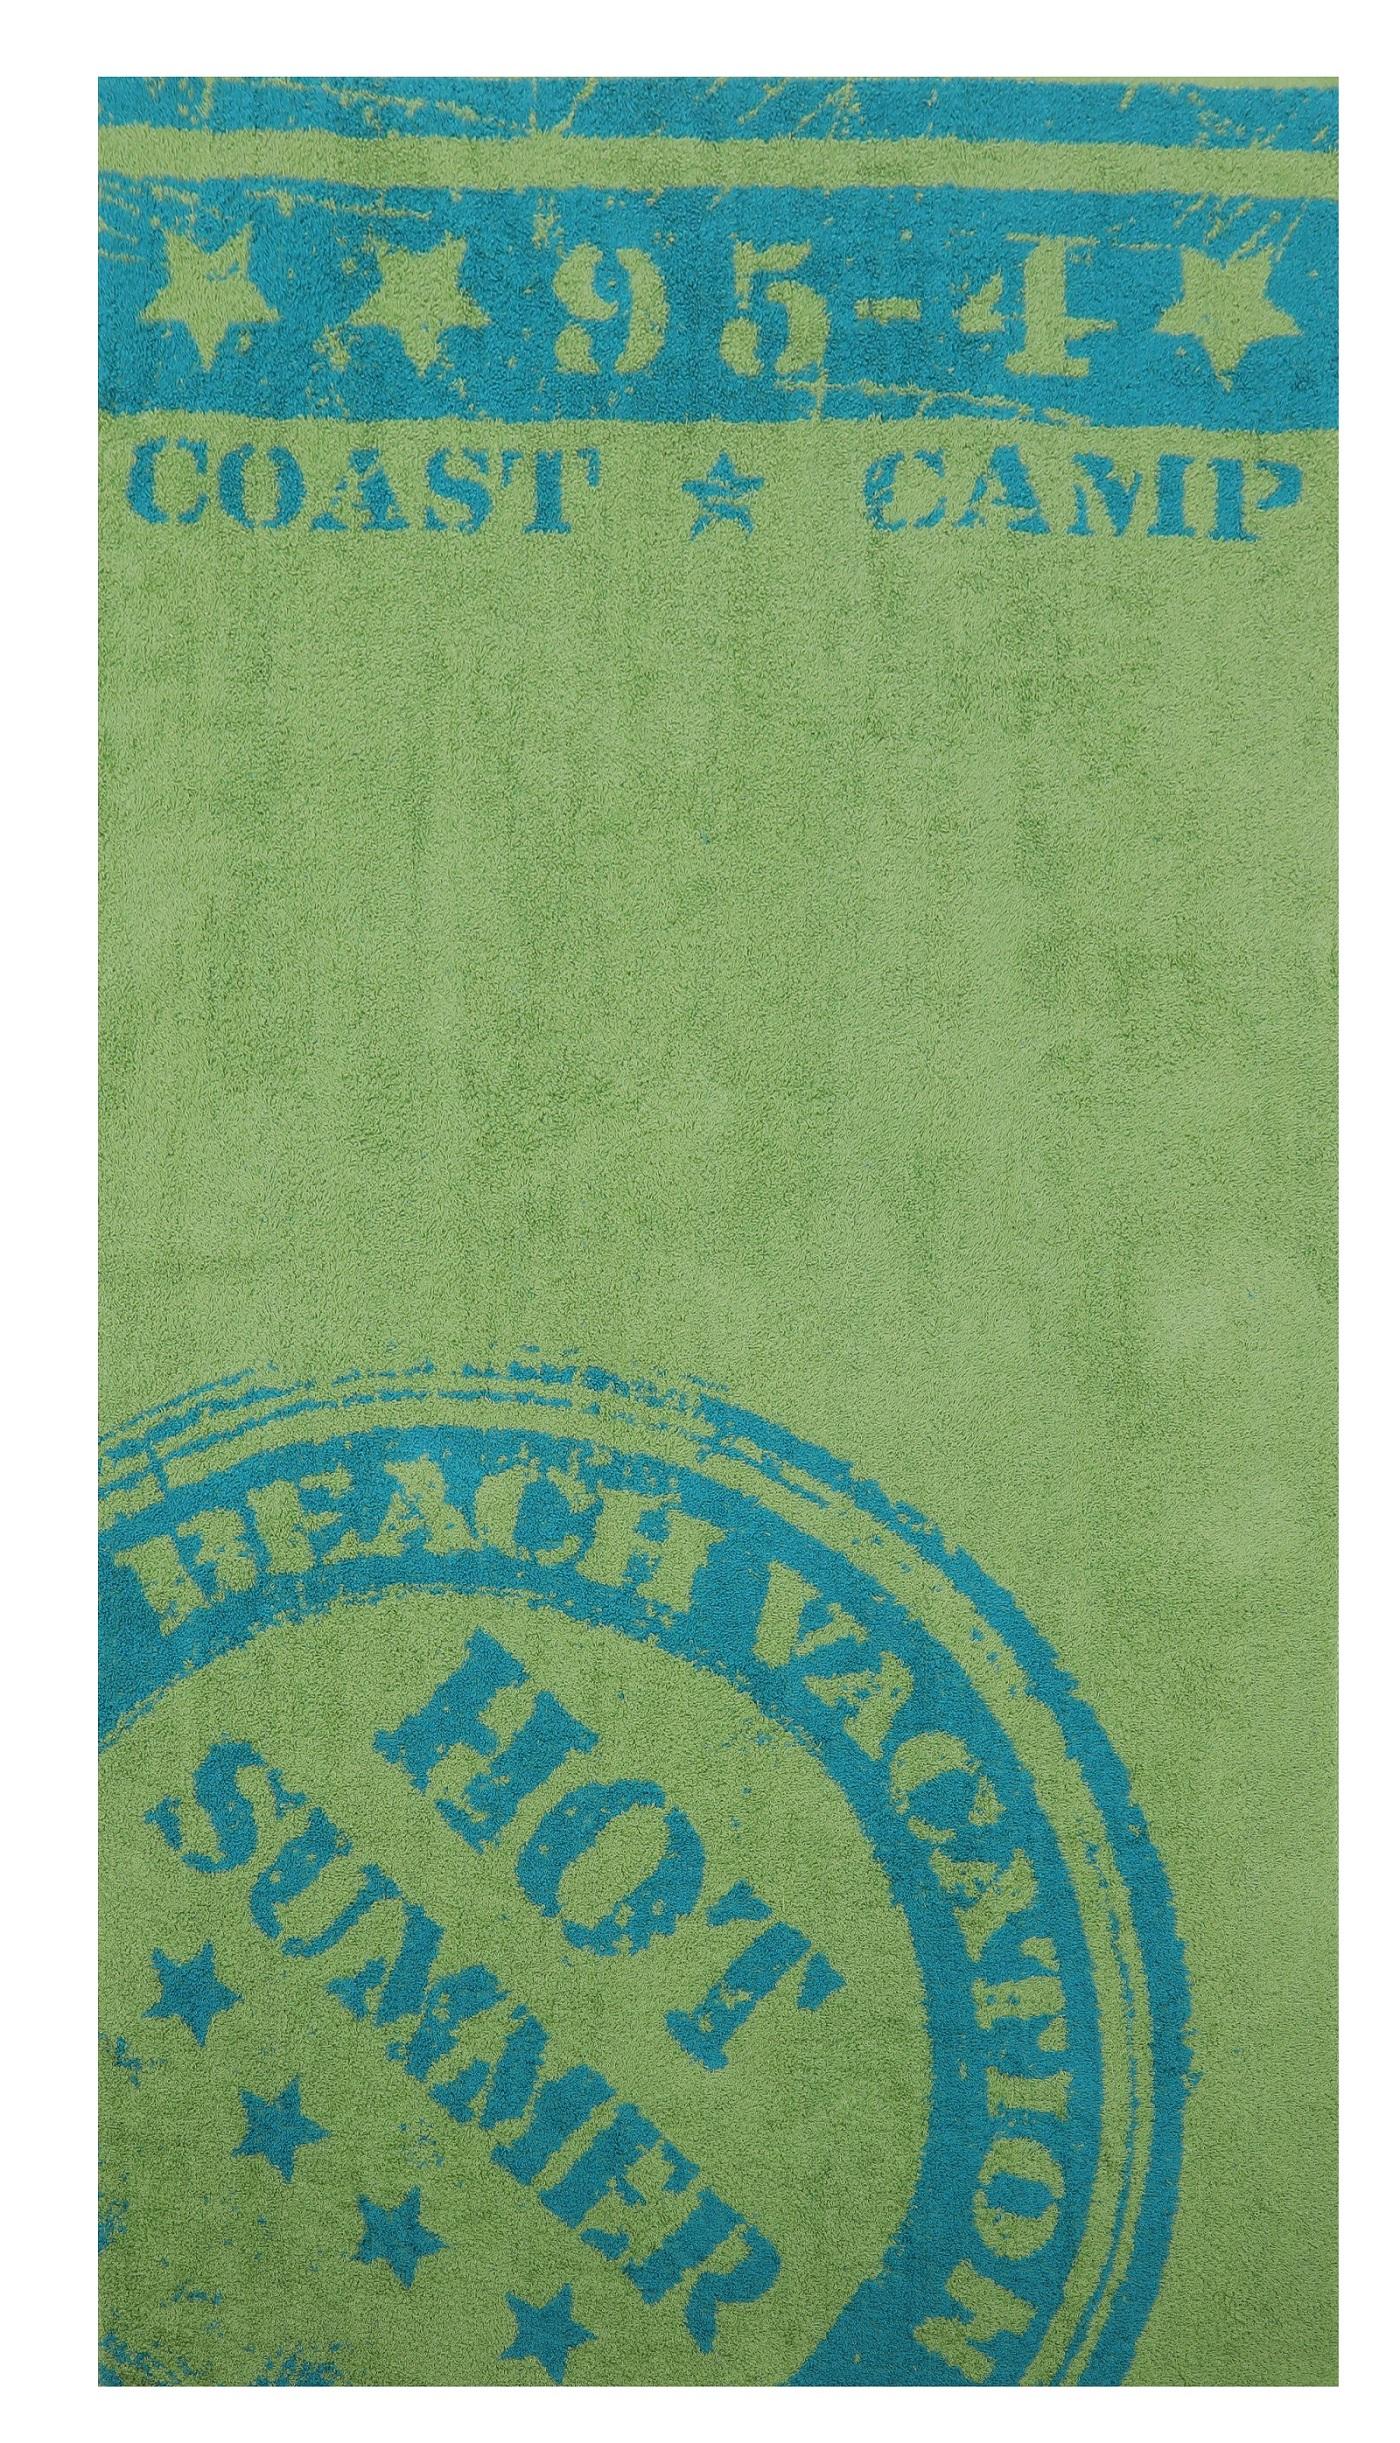 betz serviette de plage serviette de bain drap de bain 100 coton taille 86 x 160 cm dessin hot. Black Bedroom Furniture Sets. Home Design Ideas